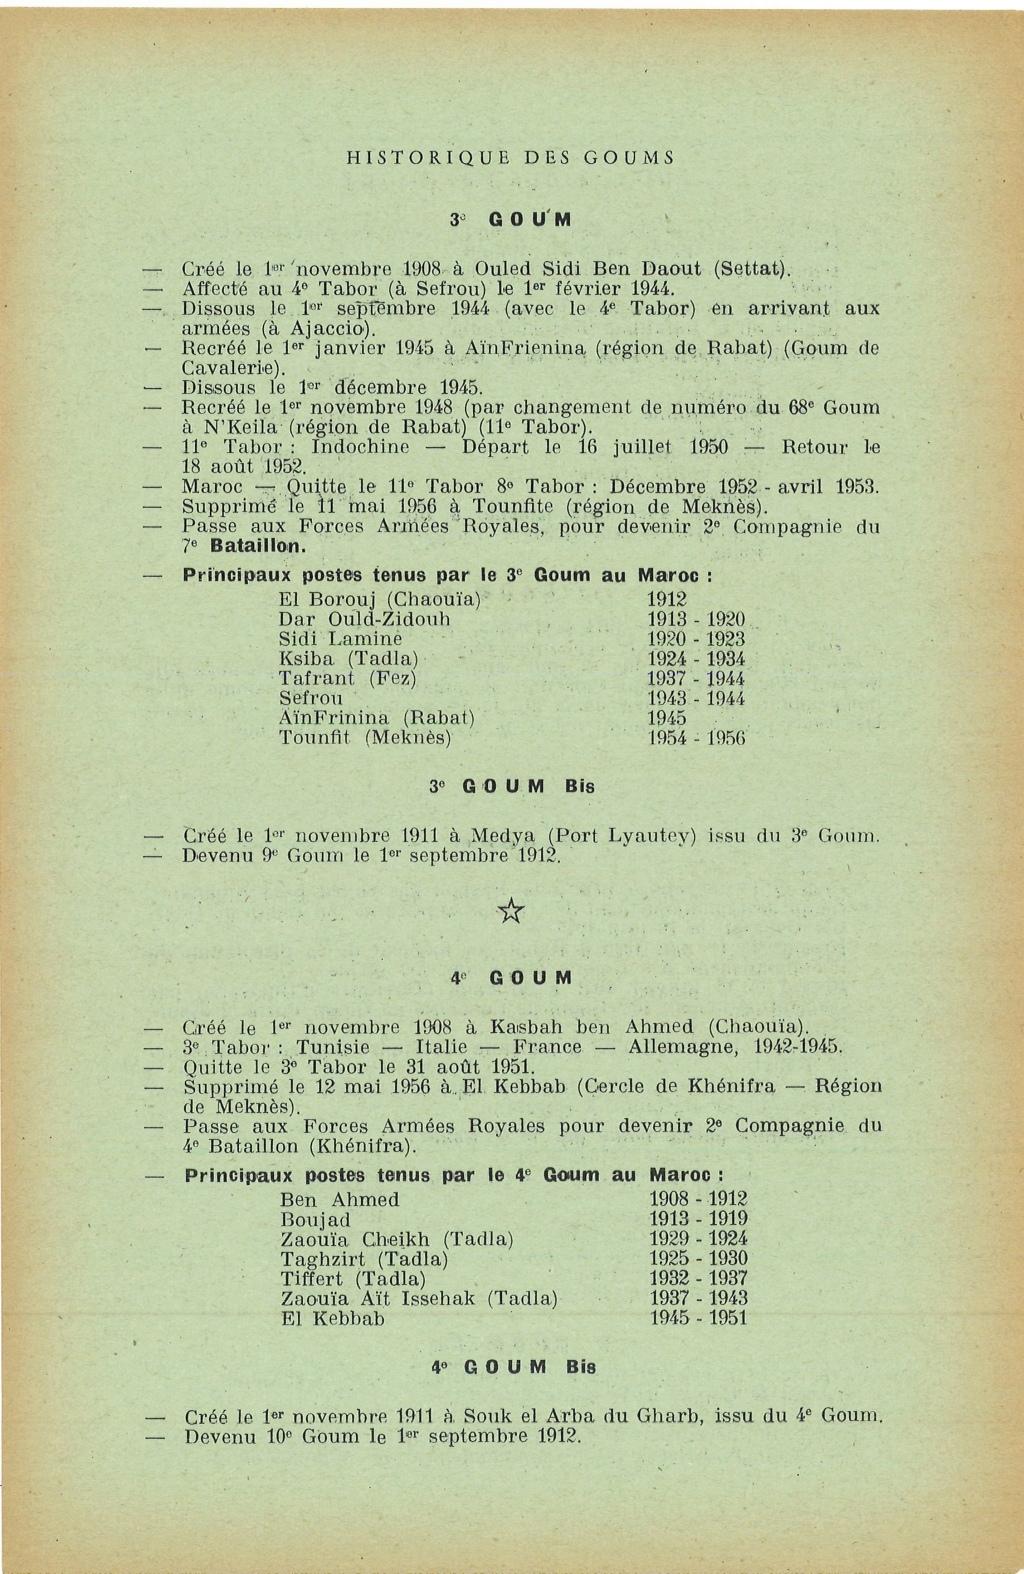 12 mai 1956 - Dissolution des Goumiers & integration aux FAR La_kou12